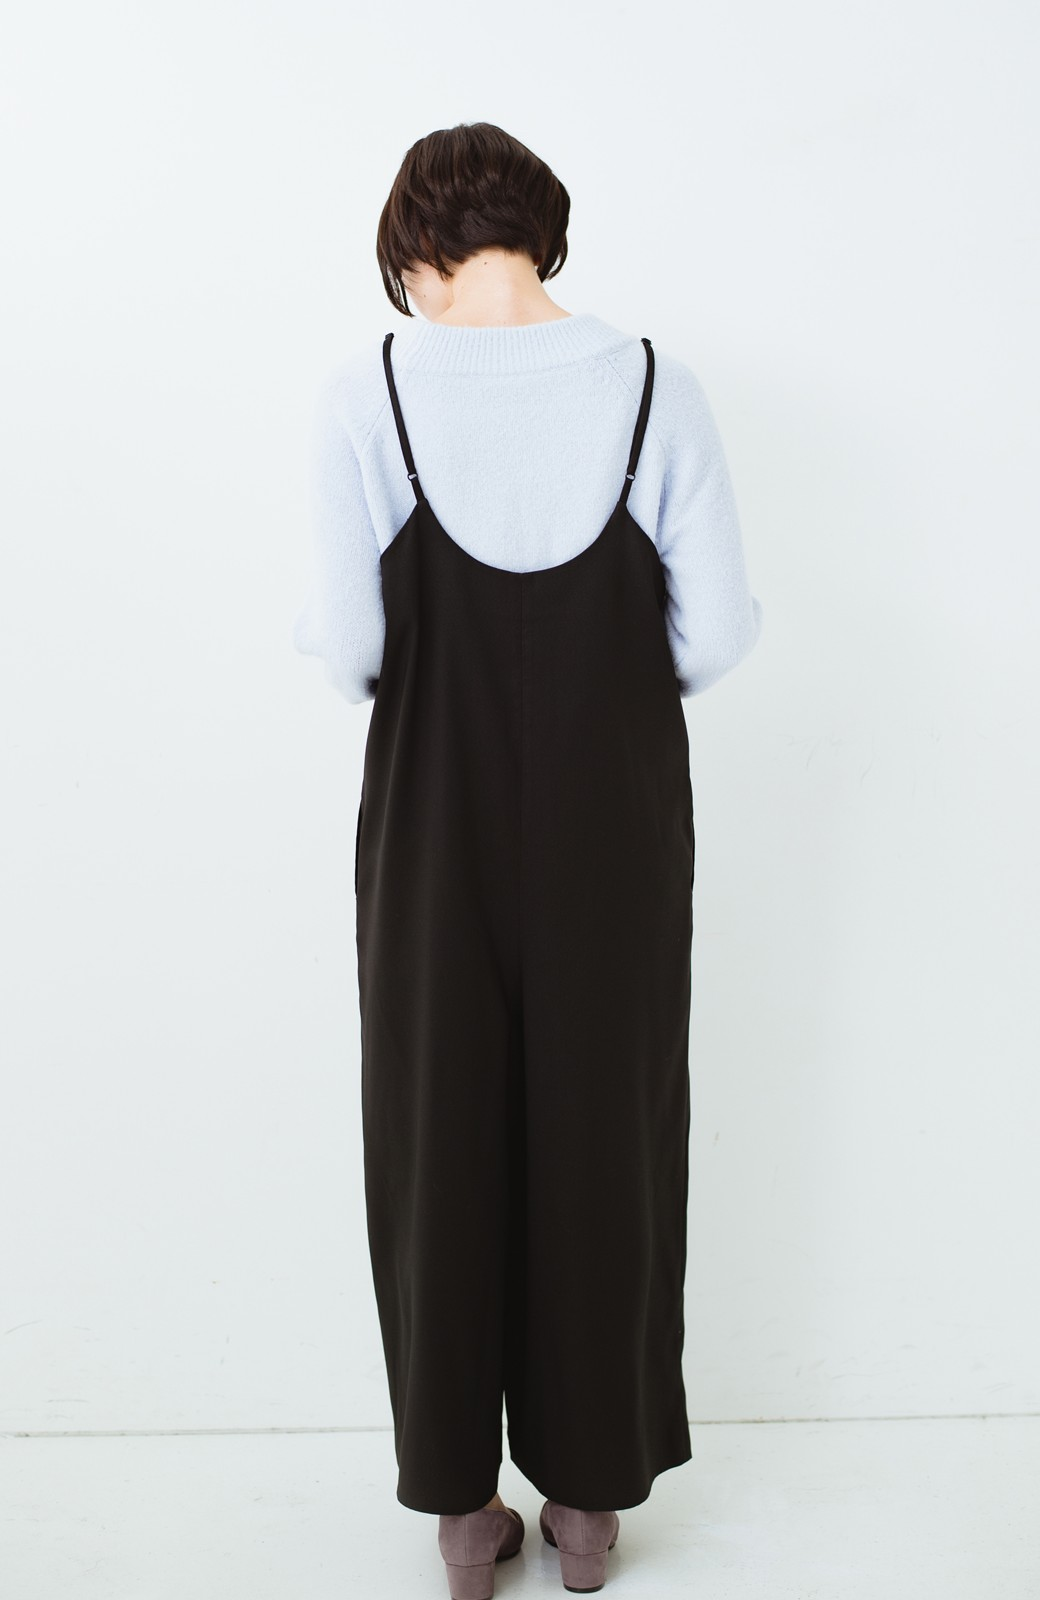 haco! 【スタッフスペシャルセット】ギリギリ女子ミオの夏のコーデに便利!手持ちのTシャツといけるんちゃうかセット  <その他>の商品写真10